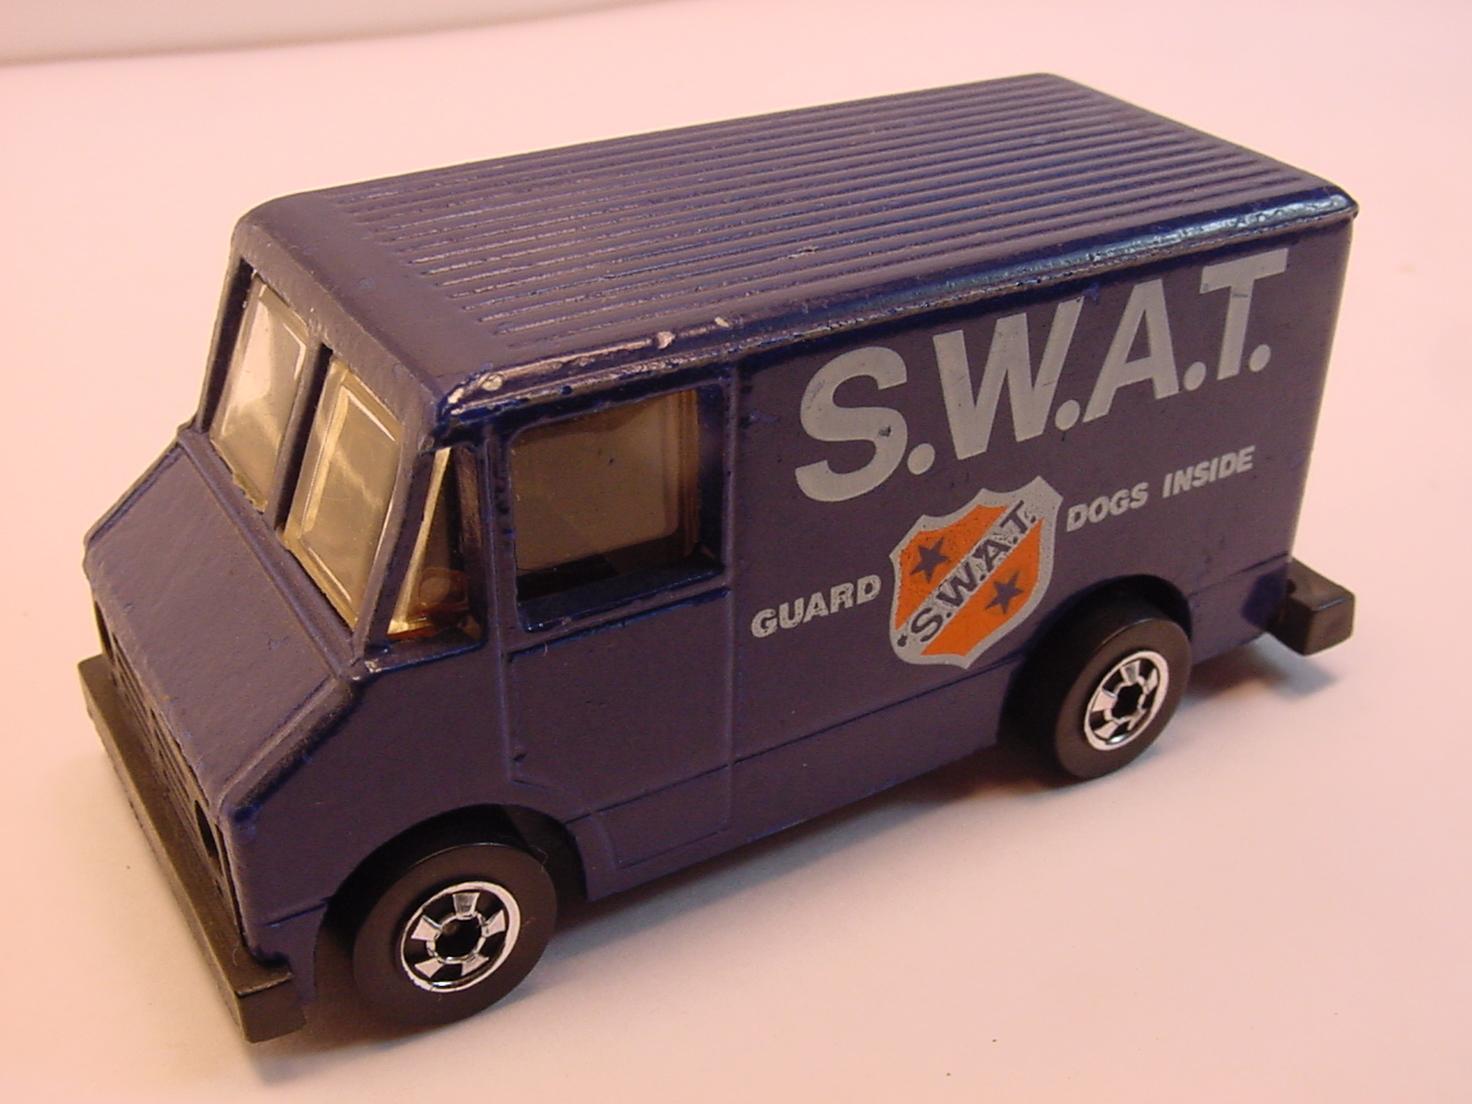 S.W.A.T. Van